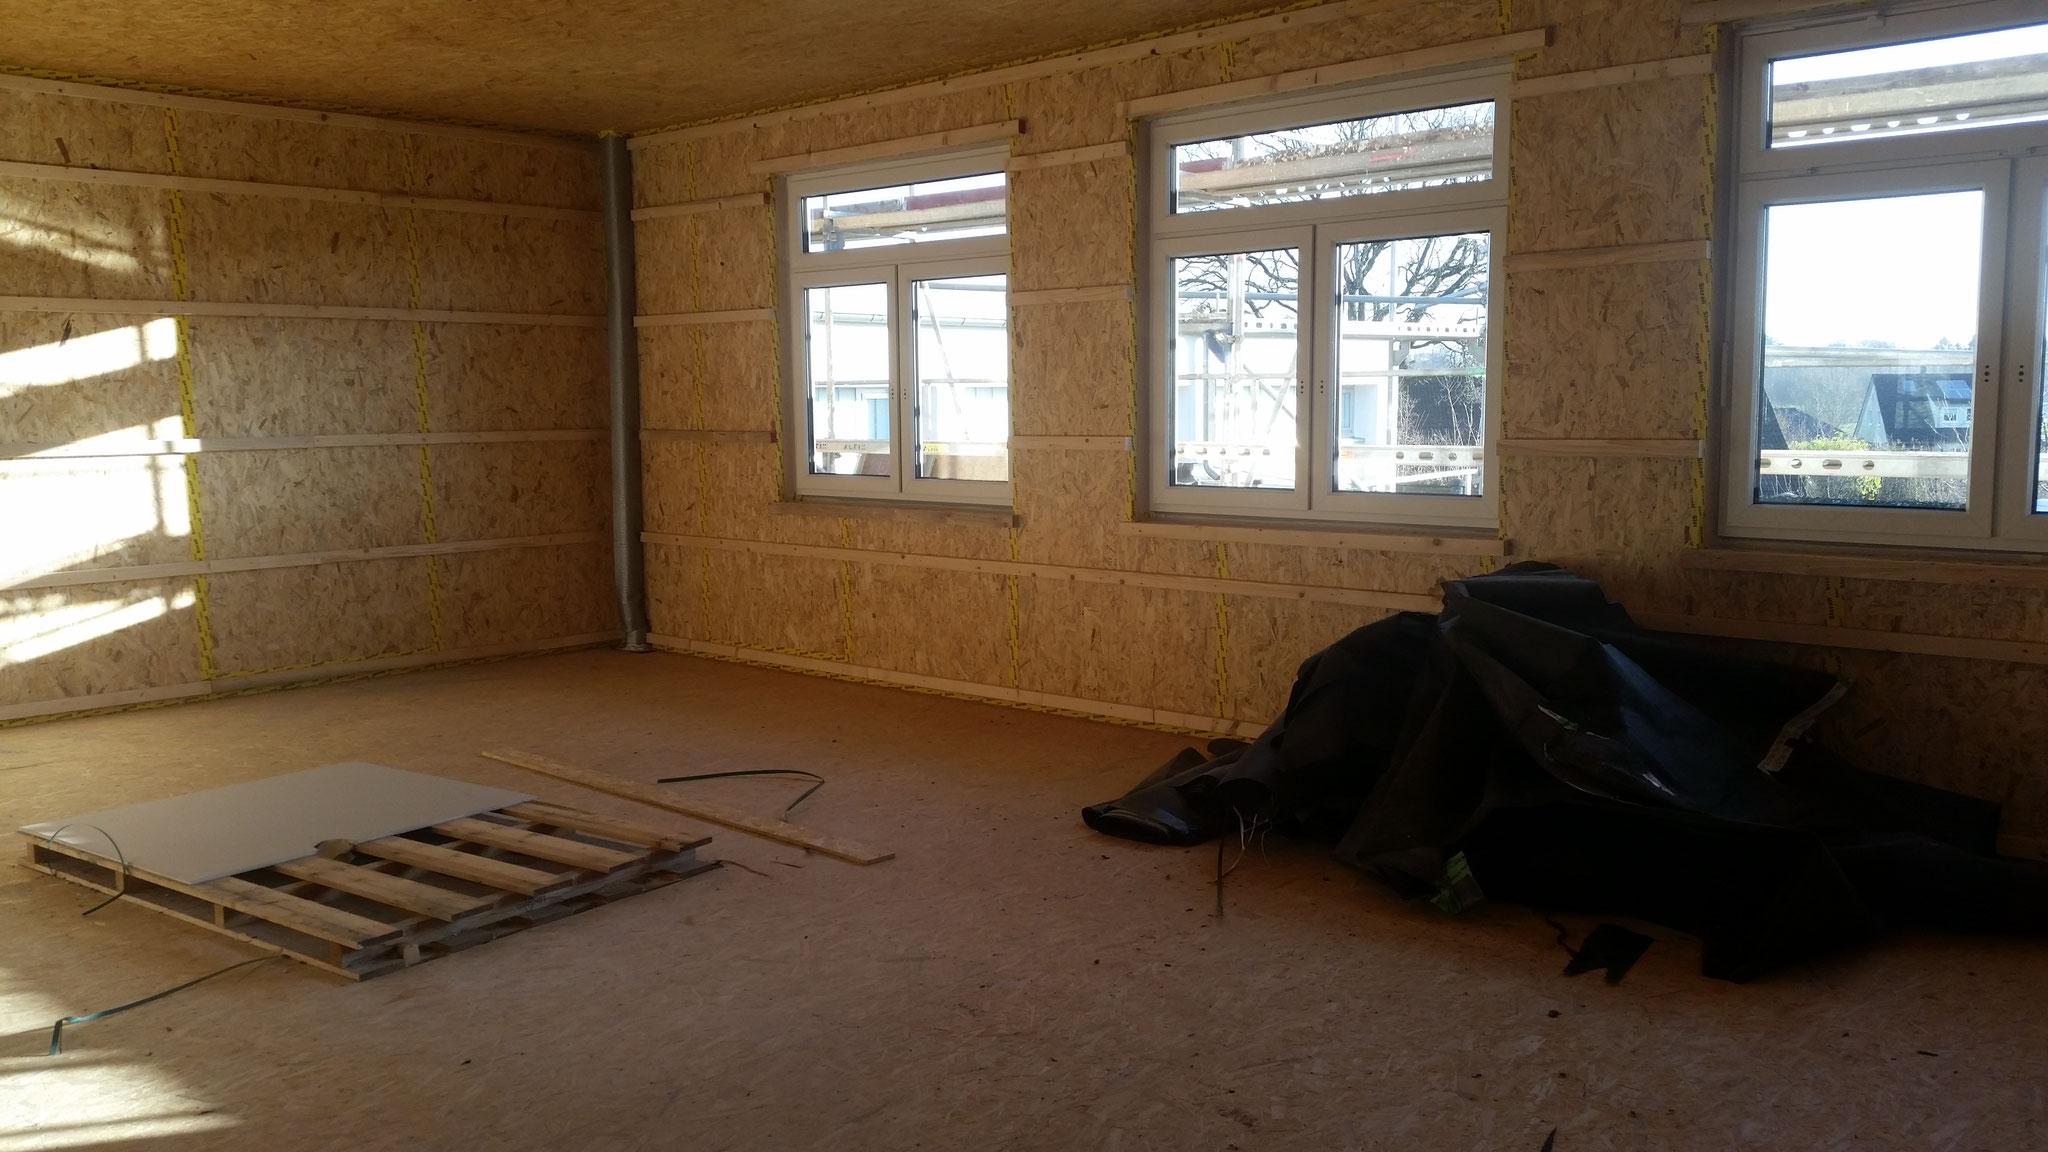 Das wird ein heller, großer Klassenraum.